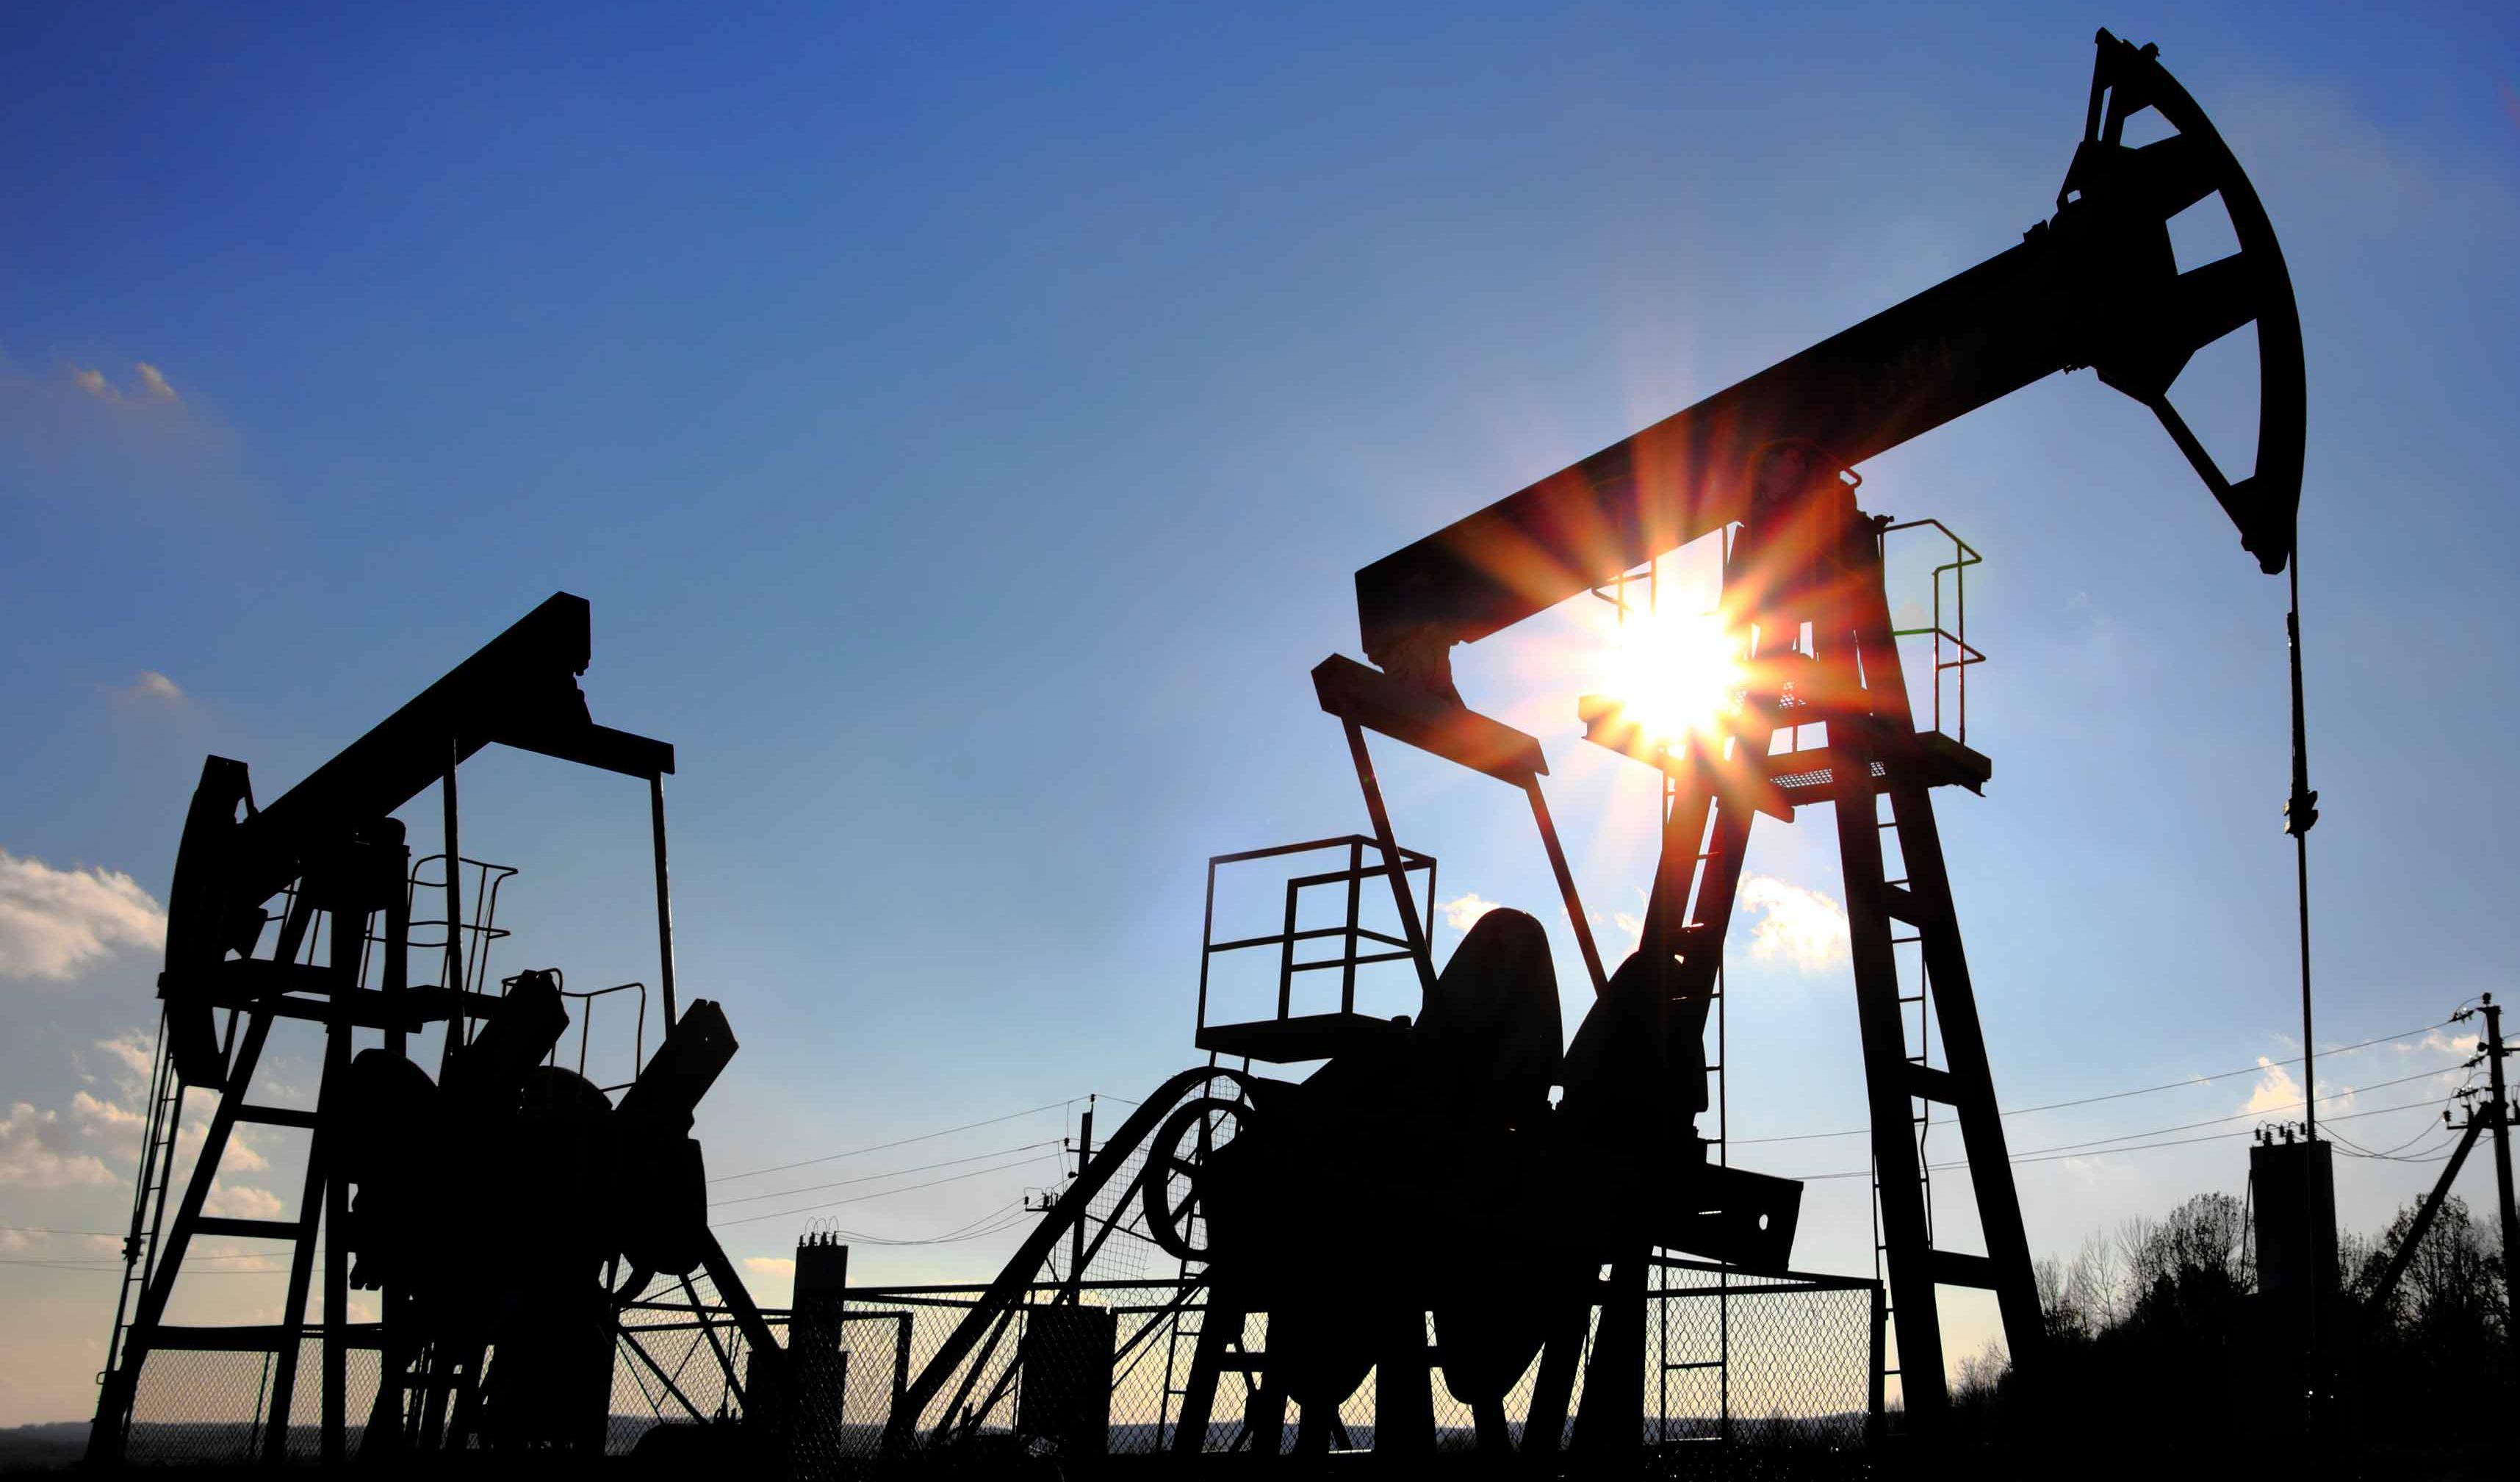 ضرر ۲۰ میلیارد دلاری ۱۲ شرکت برتر نفتی جهان با شیوع کرونا